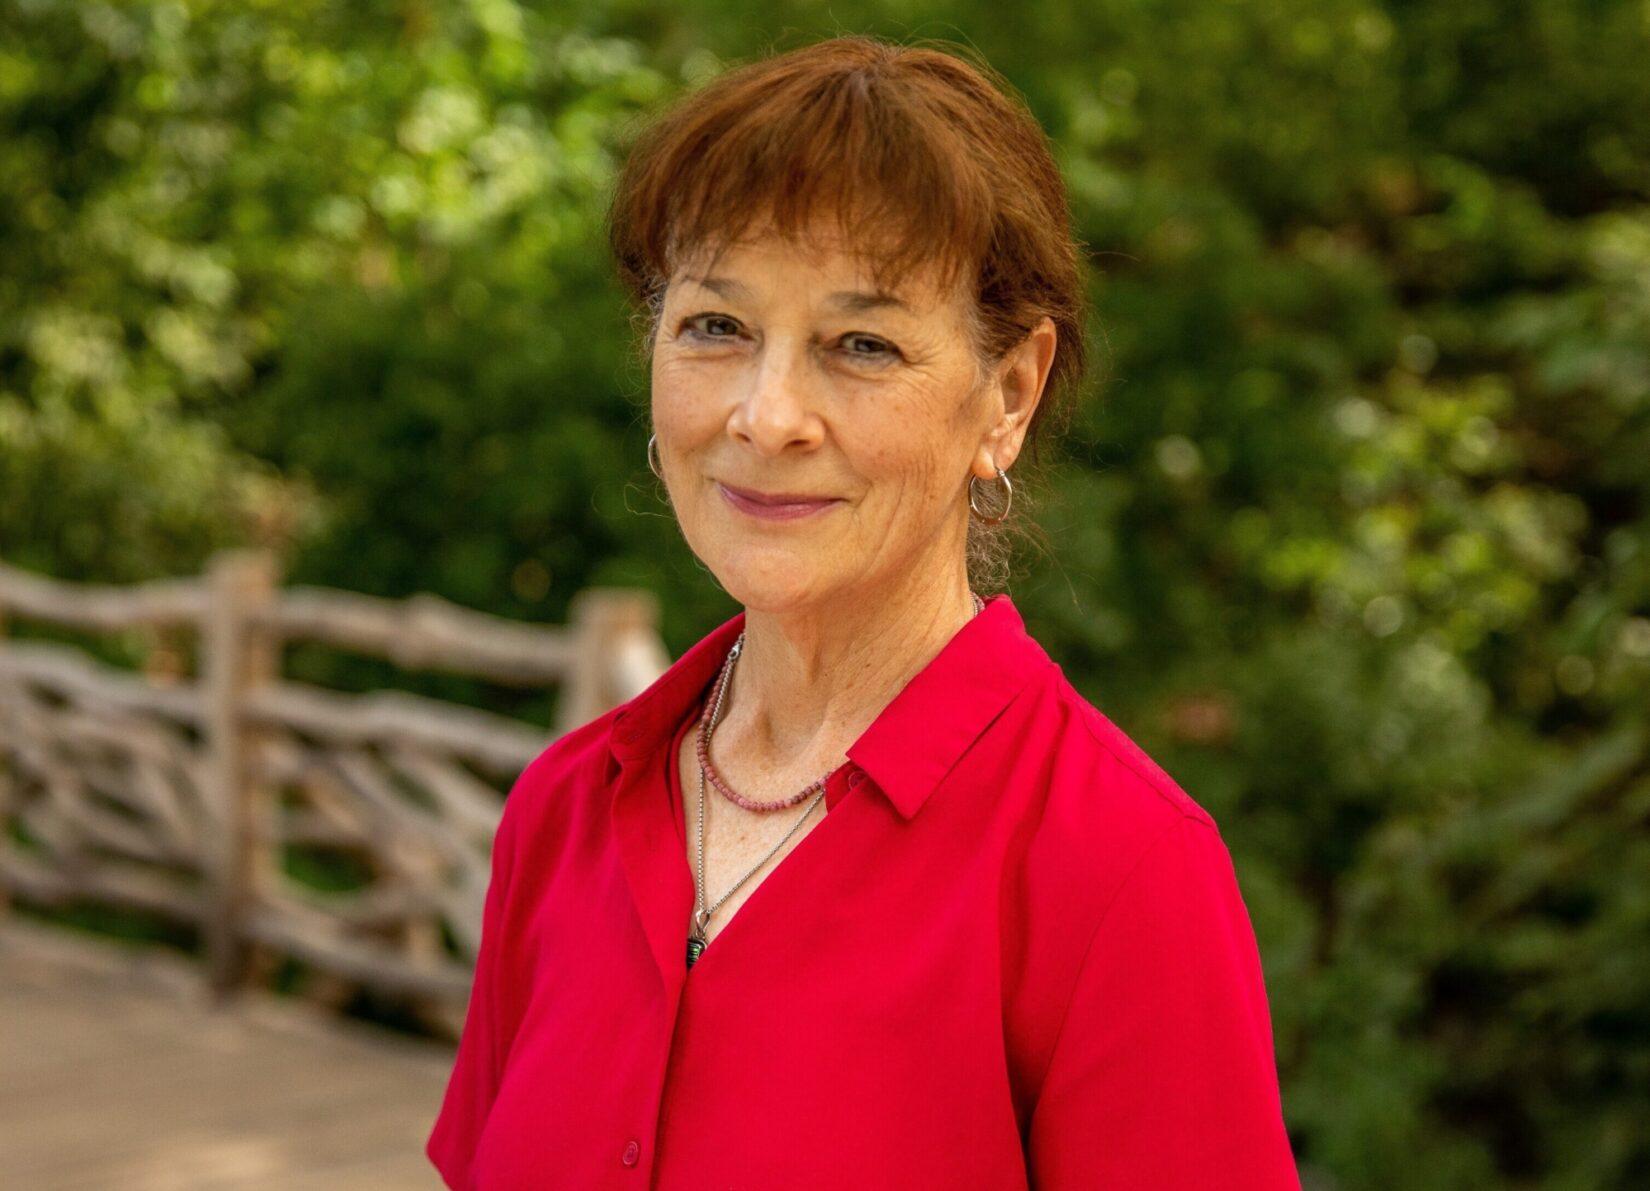 Caroline Greenleaf, Vice President for Park Operations